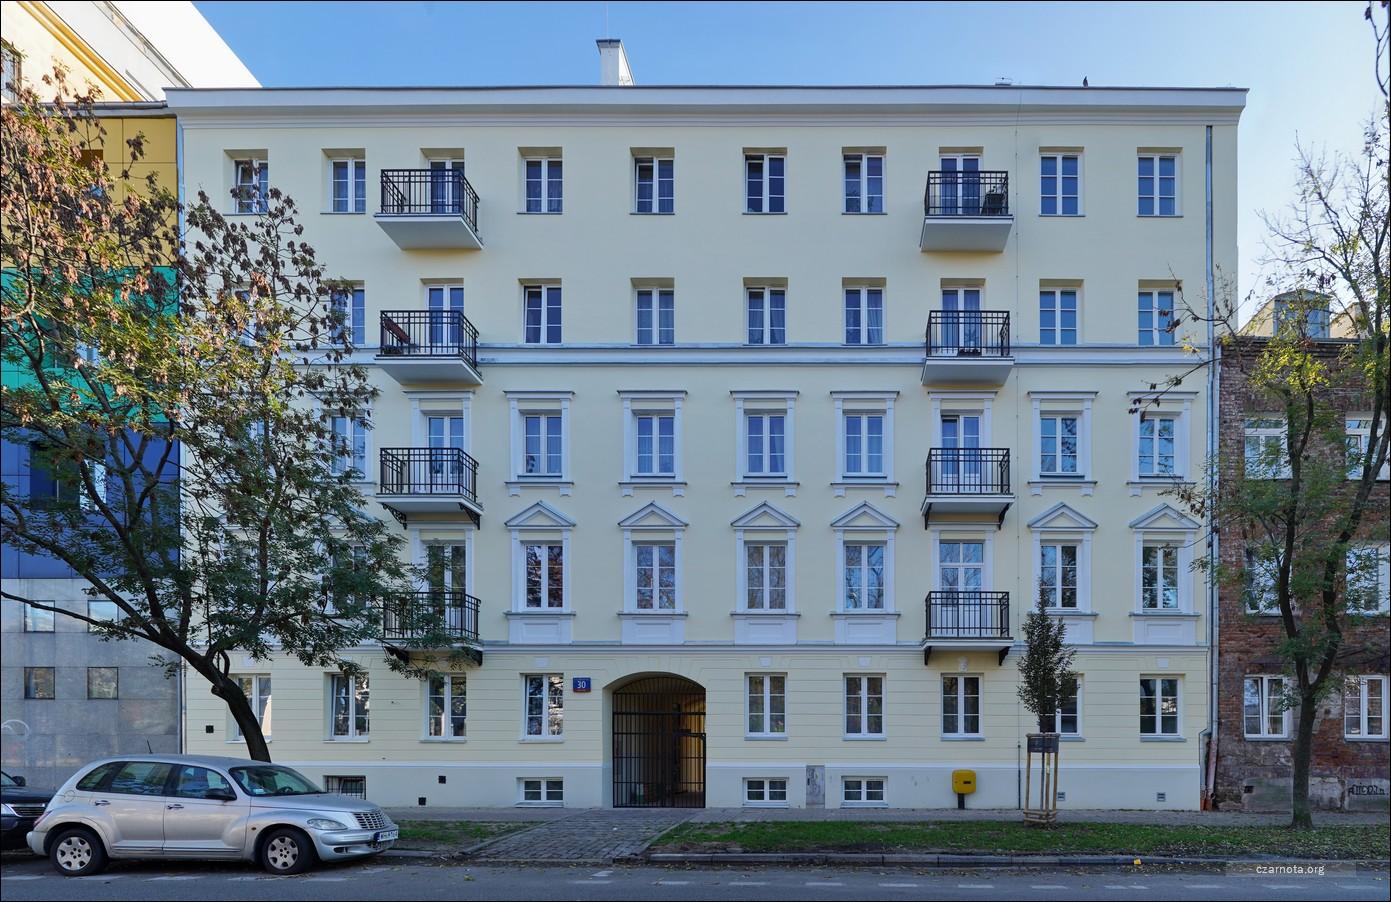 Warszawa kamienica ul. Ignacego Kłopotowskiego 30 w 2019 i 2020